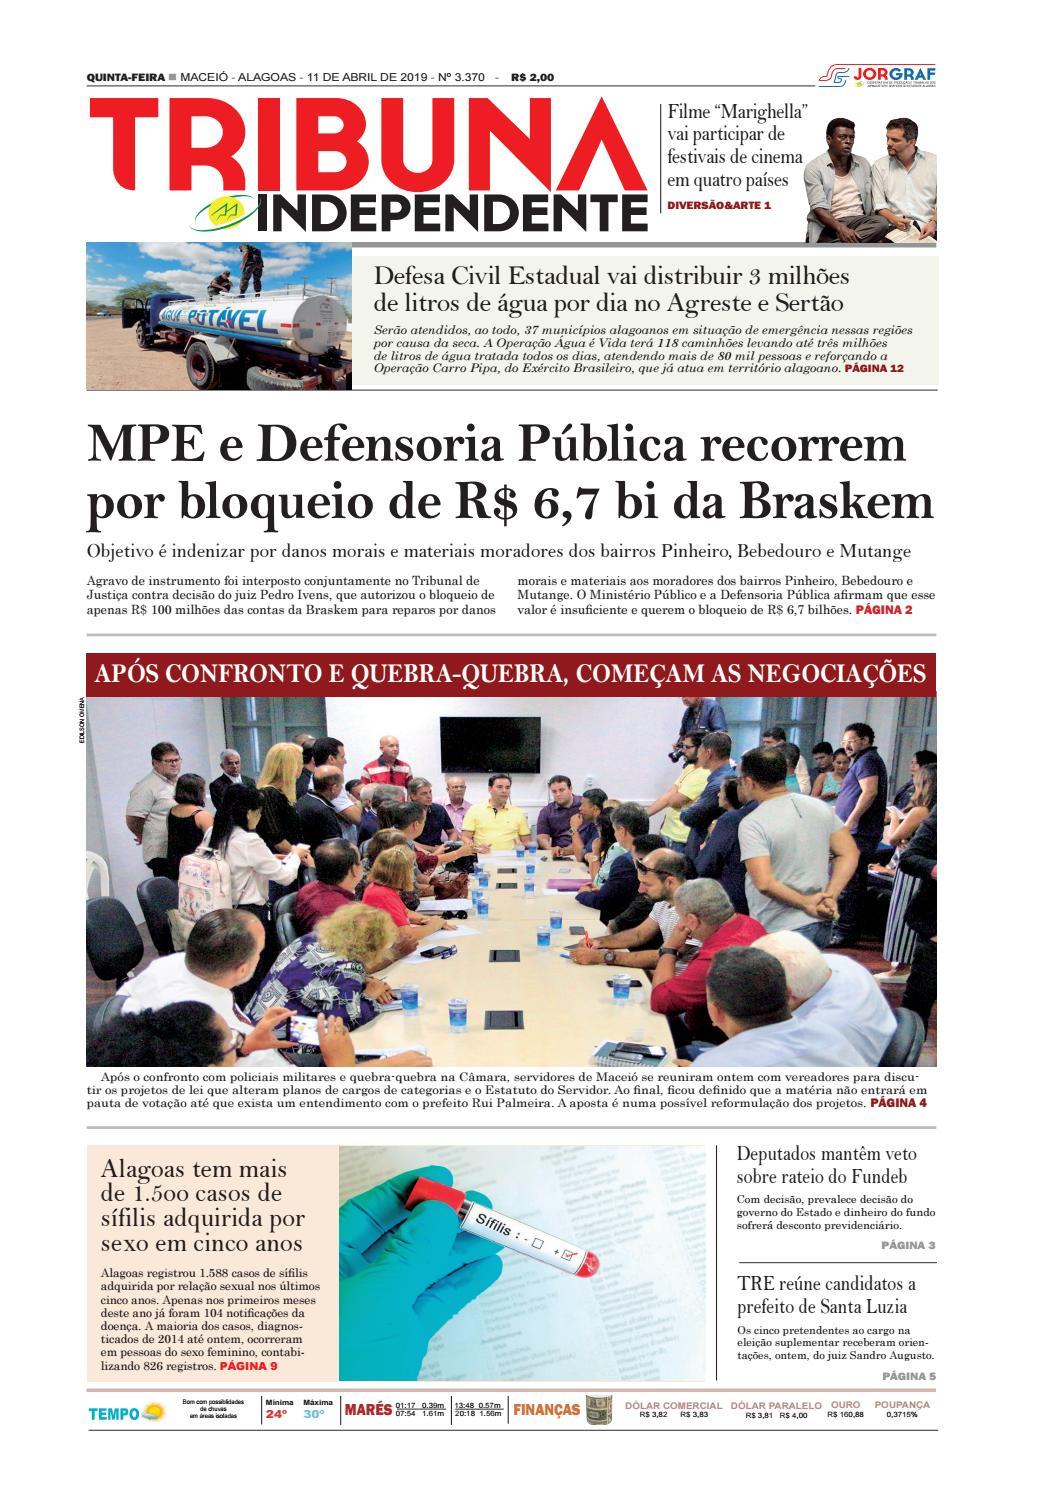 76bf2b432 Edição número 3370 - 11 de abril de 2019 by Tribuna Hoje - issuu